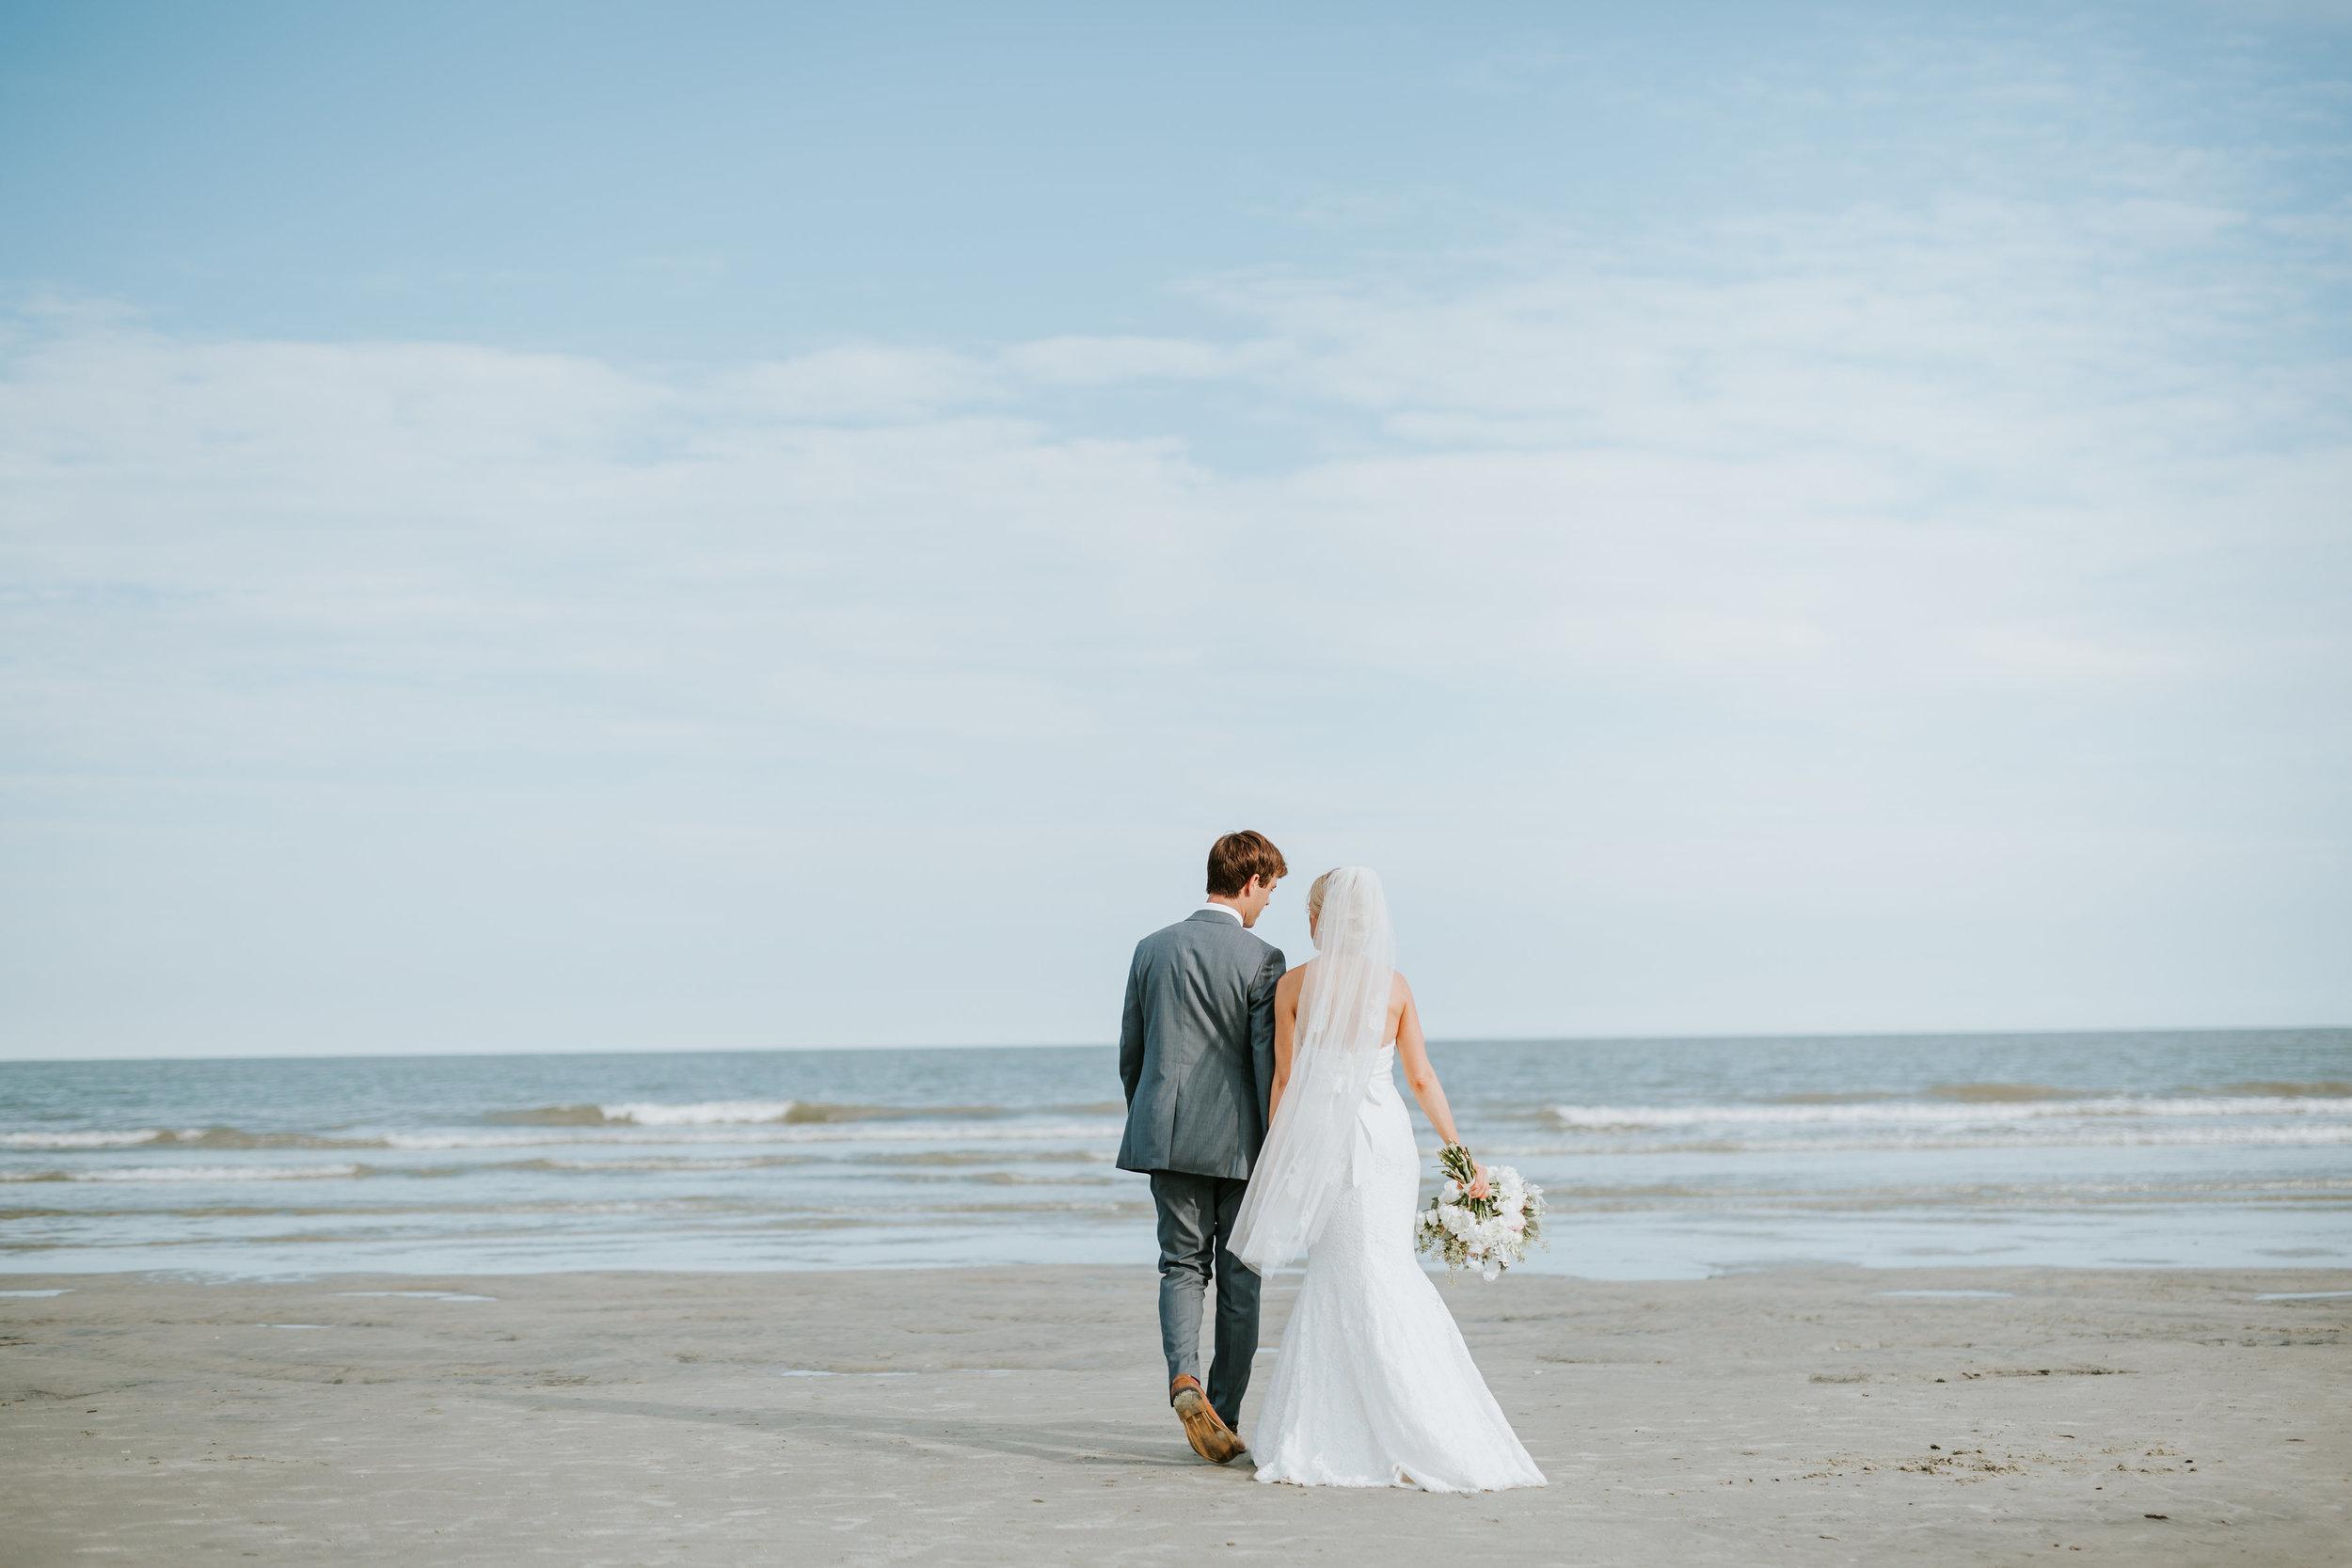 omni-hilton-head-wedding-43.jpg